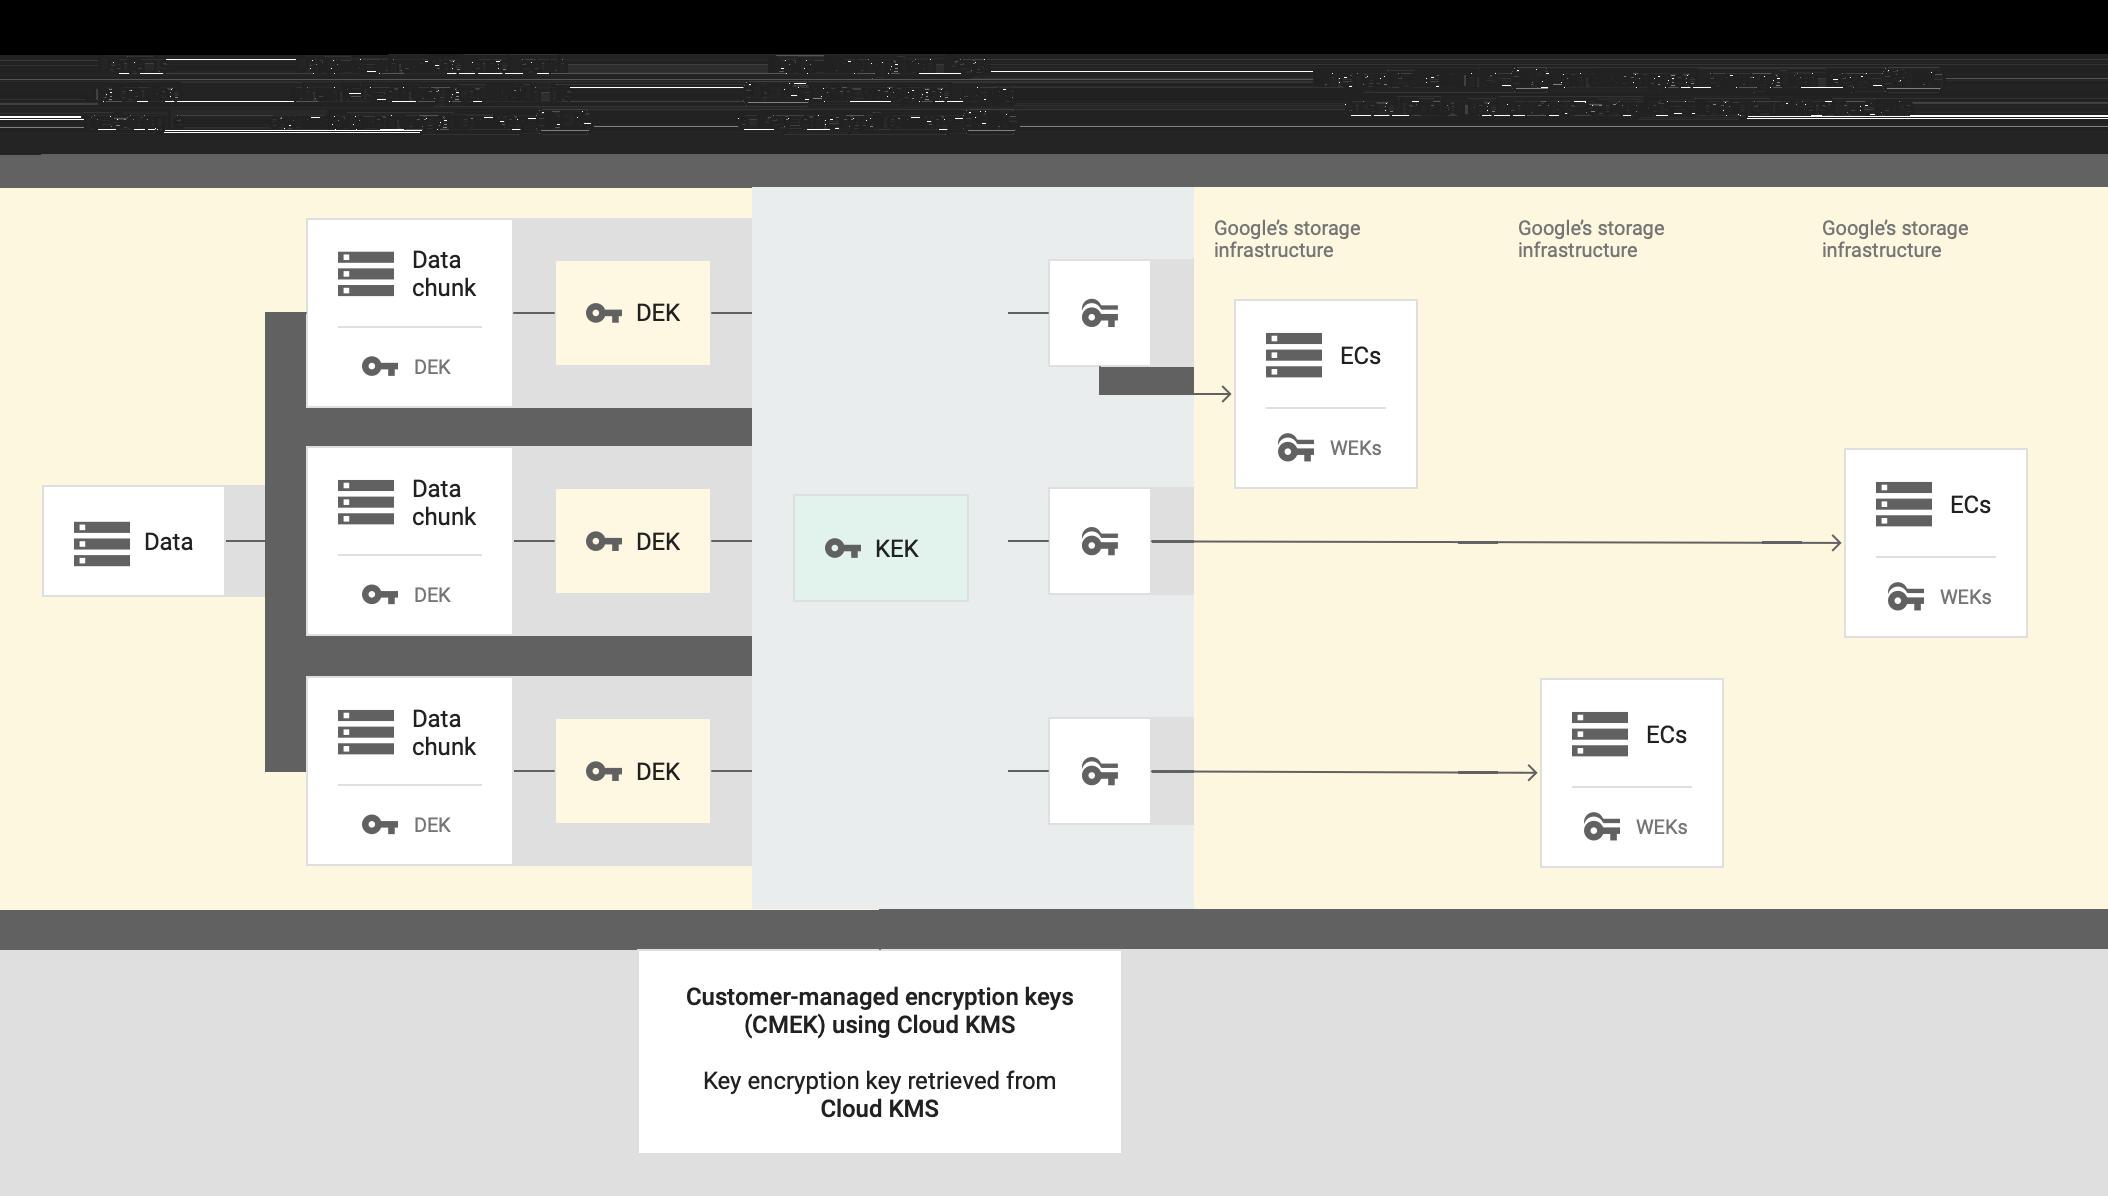 Os dados são enviados ao Google e divididos em blocos. Cada bloco é criptografado com a própria chave de criptografia de dados. As chaves de criptografia de dados são encapsuladas por uma chave de criptografia de chaves. Com a CMEK e o Cloud KMS, a chave de criptografia de chaves é recuperada do Cloud KMS. Os blocos criptografados e as chaves de criptografia unidas são distribuídos pela infraestrutura de armazenamento do Google.